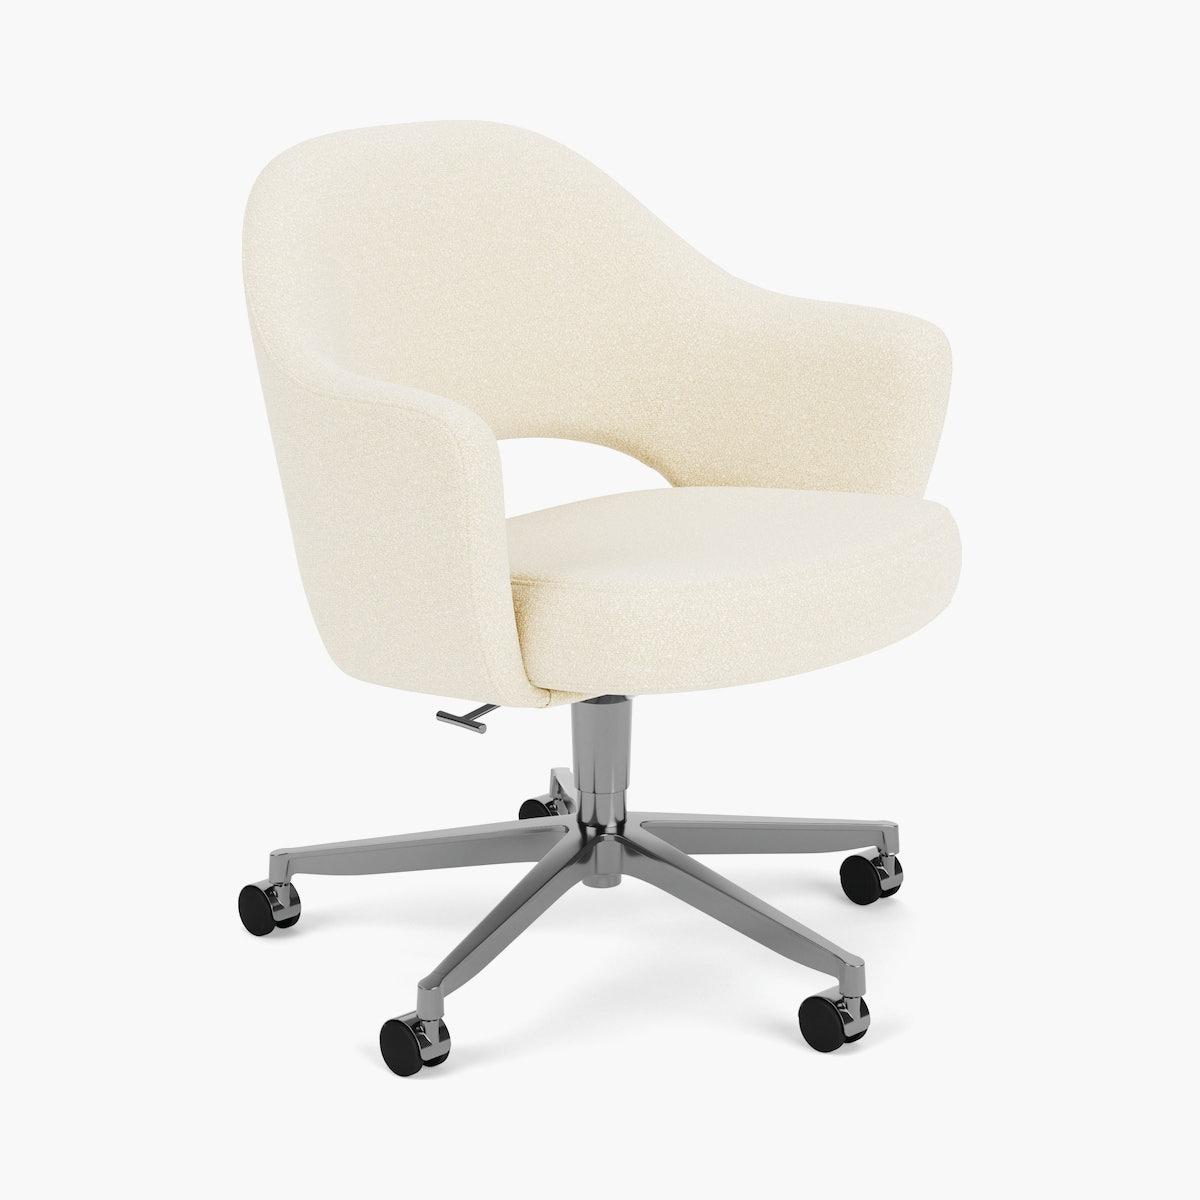 Saarinen Executive Office Chair, Armchair